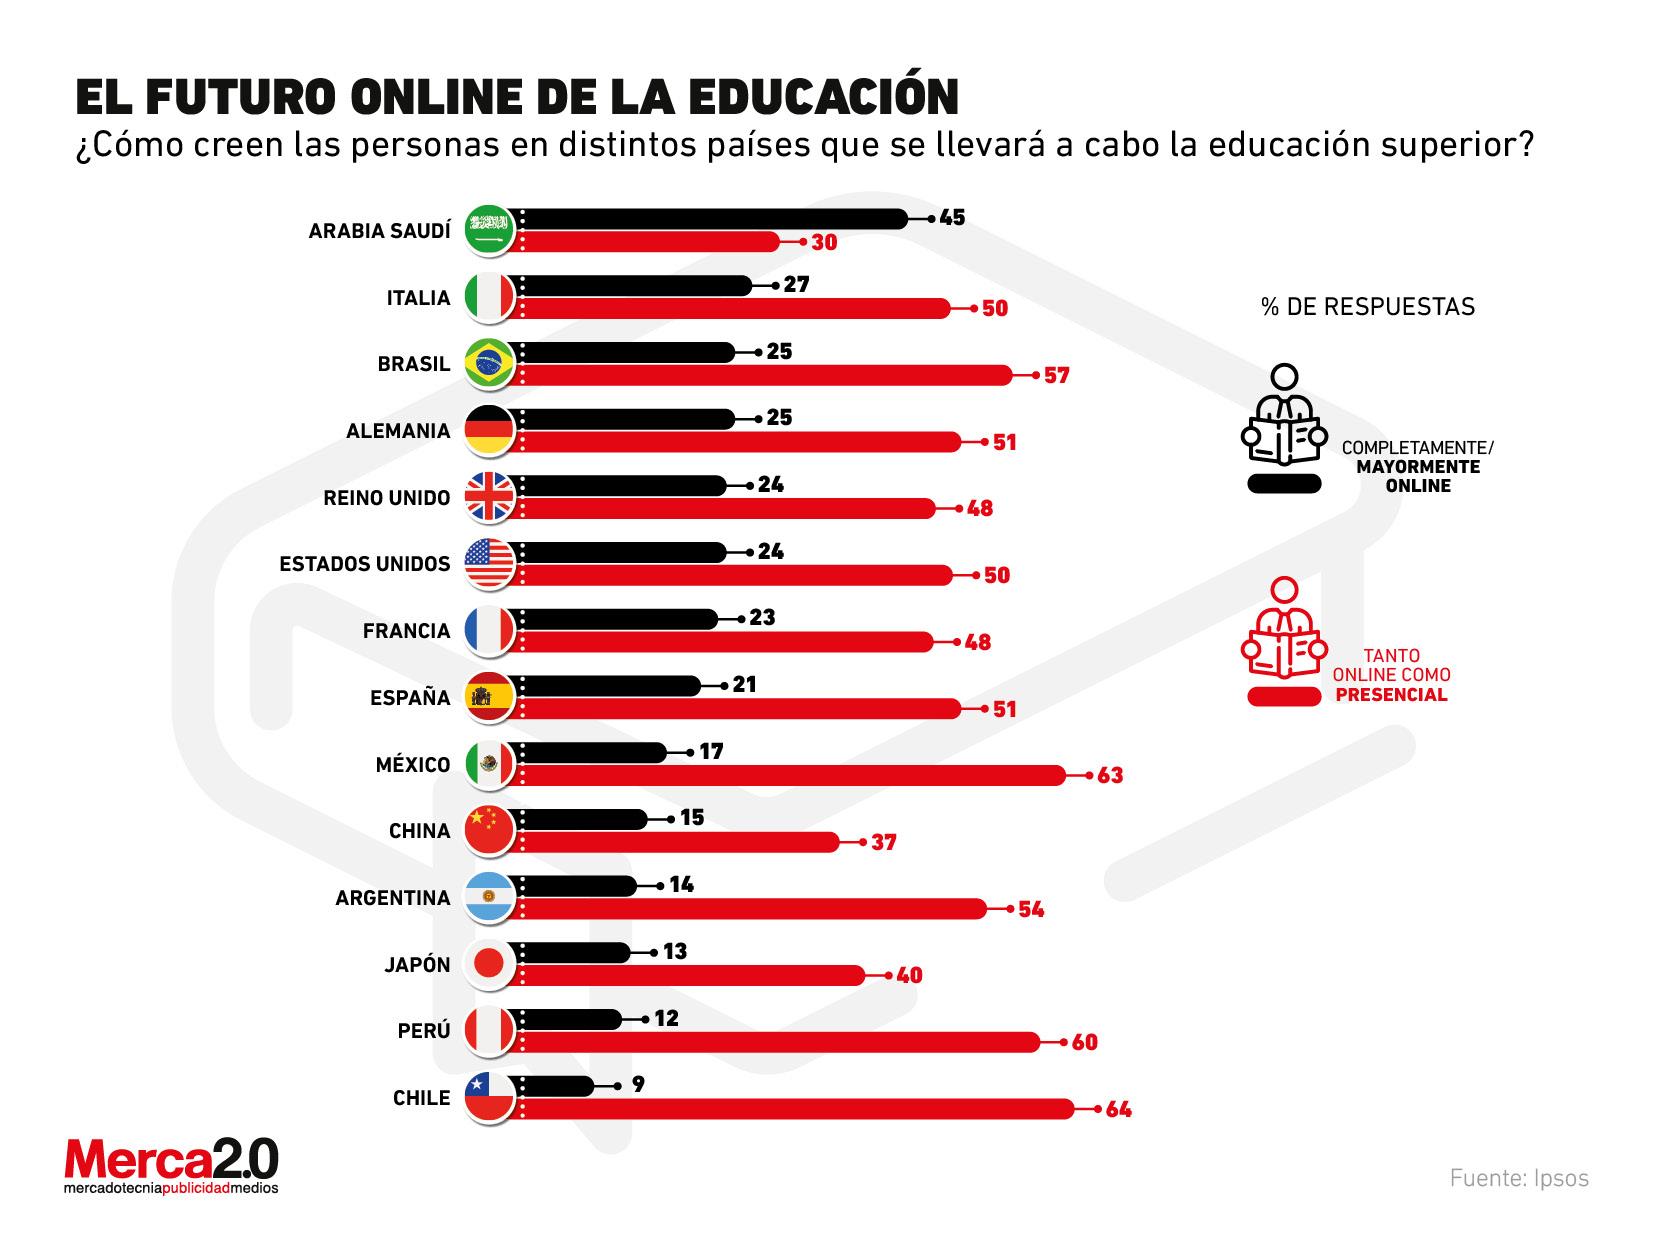 El futuro de la educación online según los distintos países